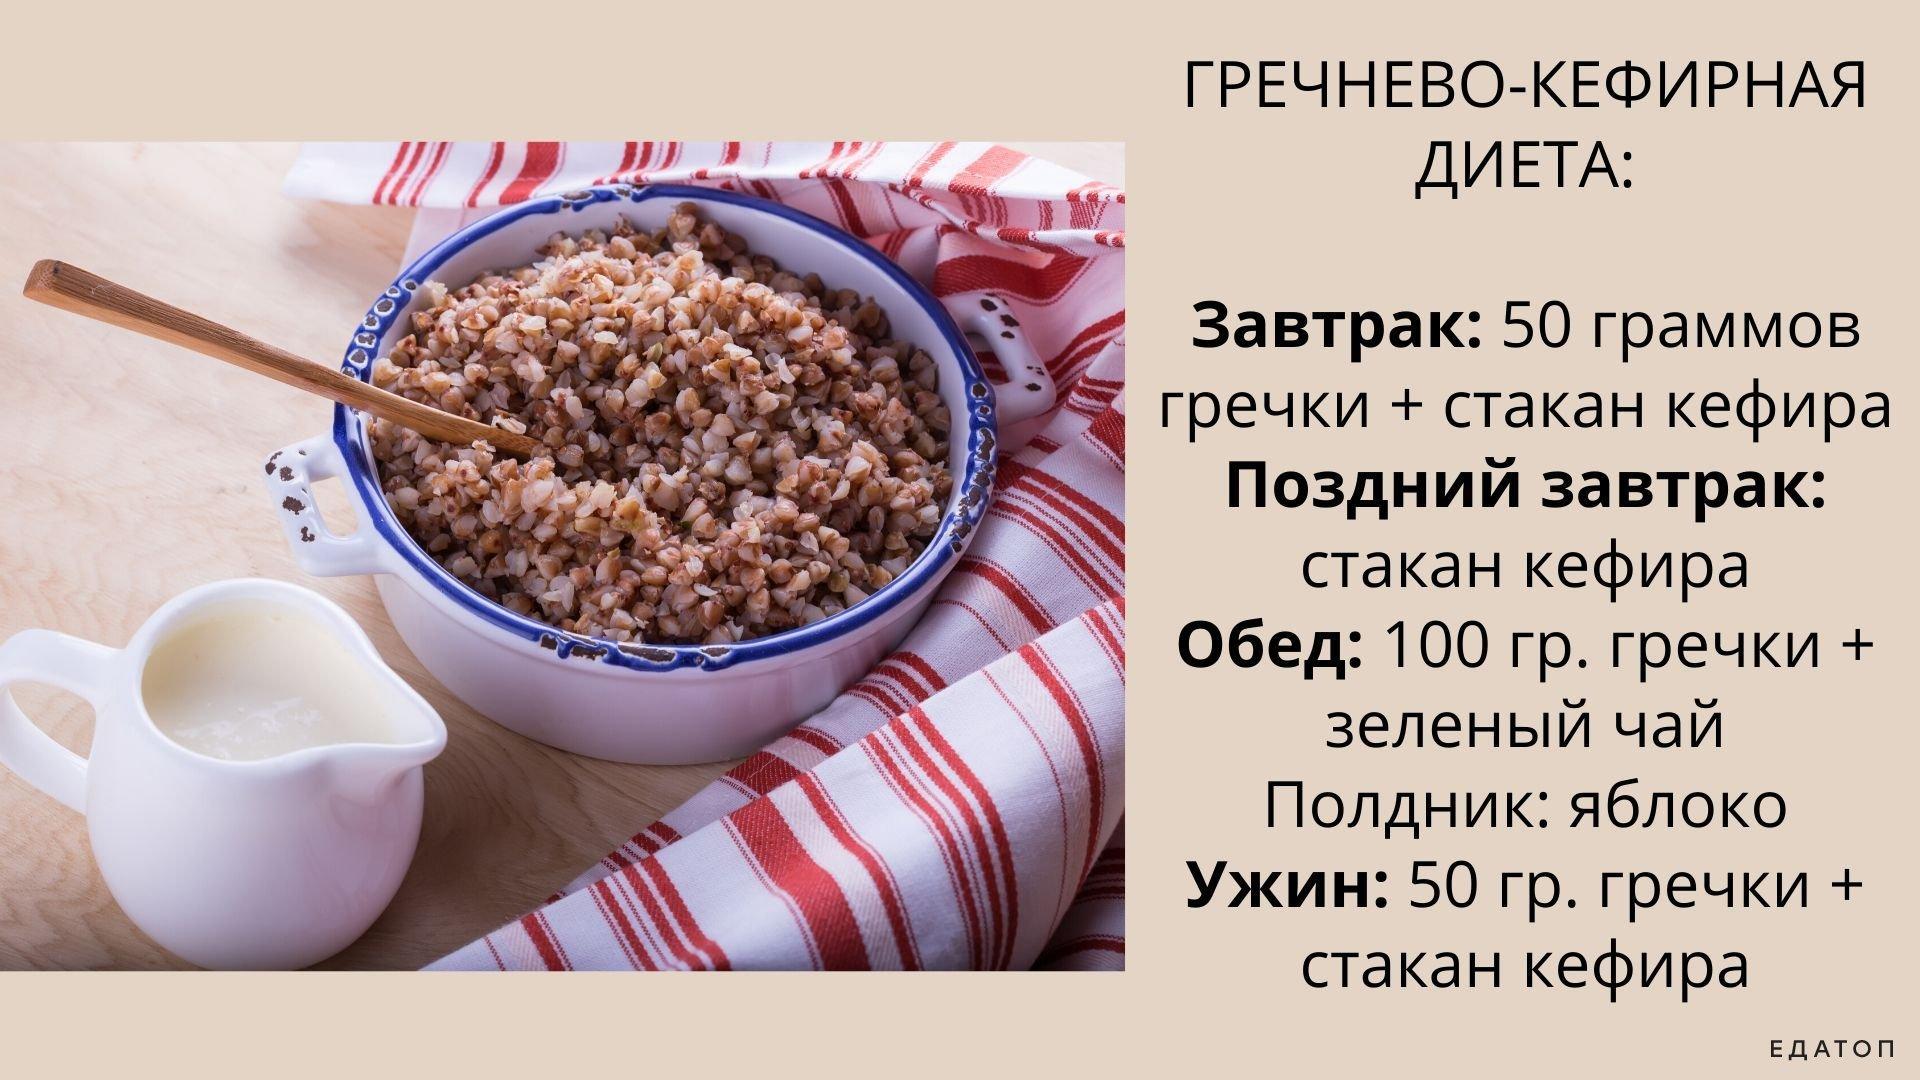 Гречка с кефиром: худеем полезно и вкусно